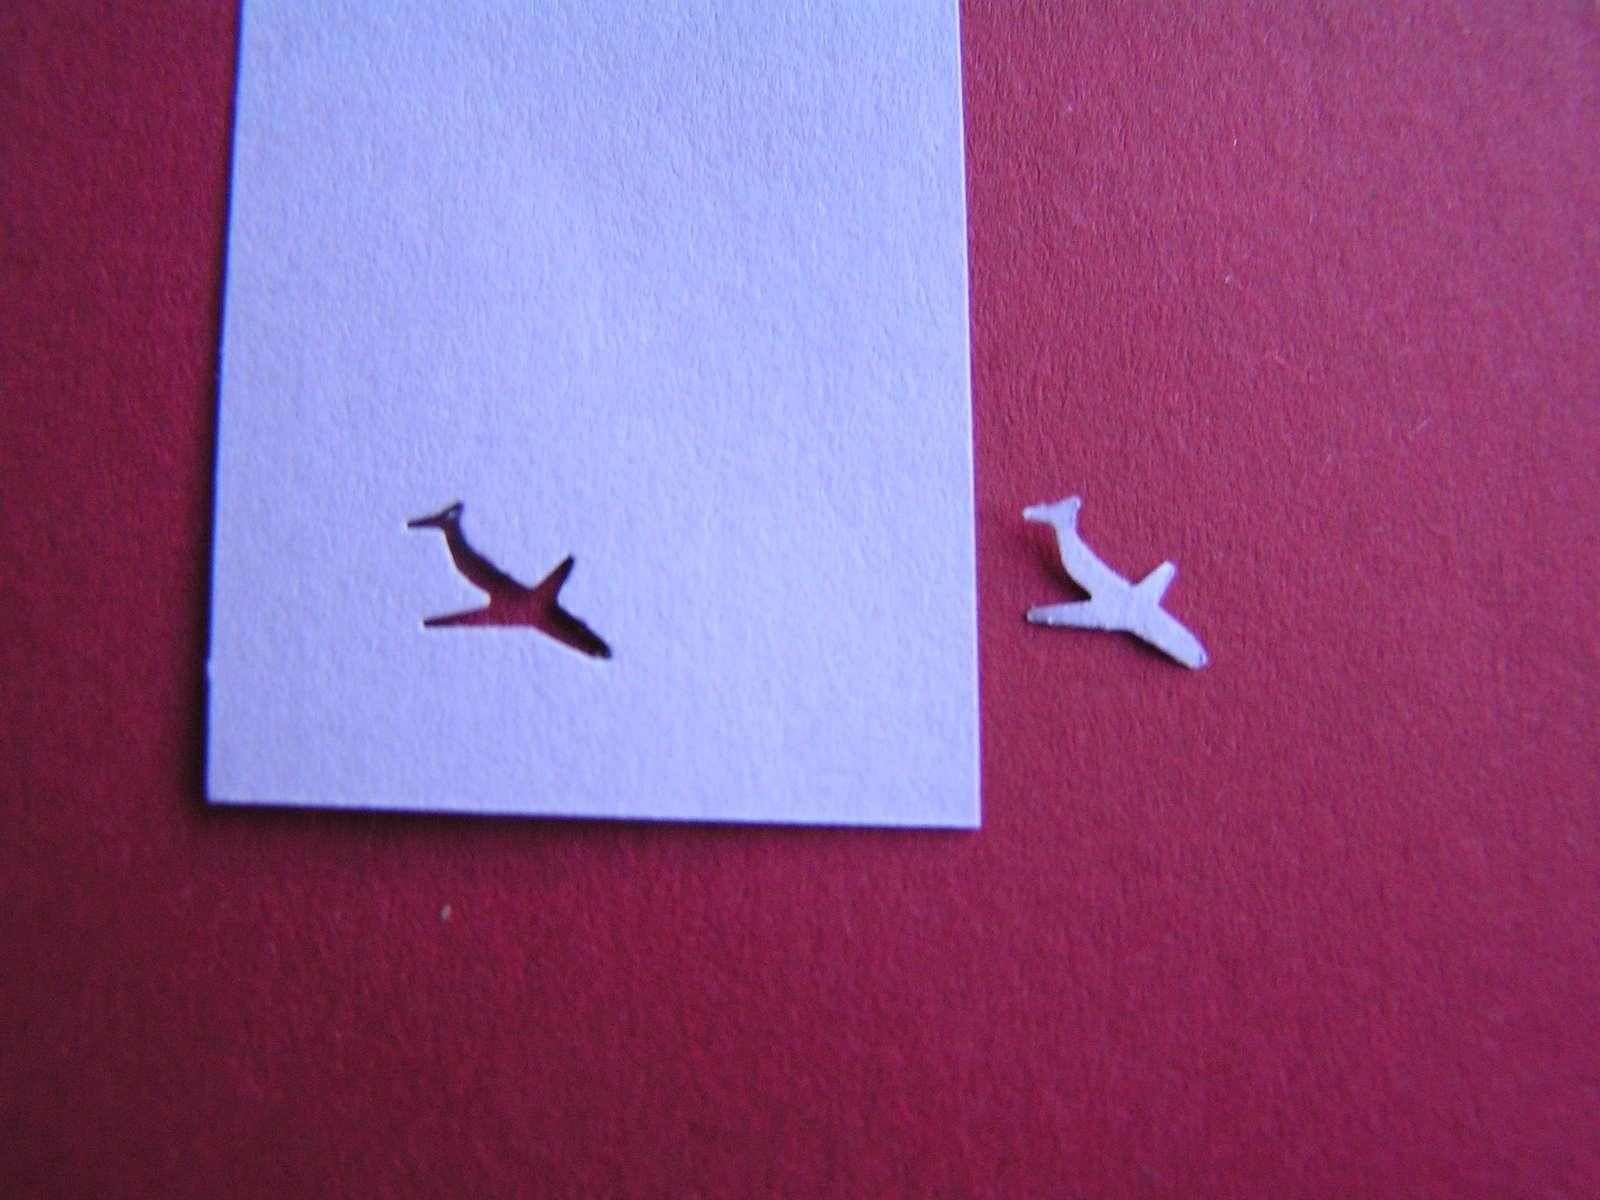 Malá ozdobná raznice - 1 cm - Obrázek č. 2